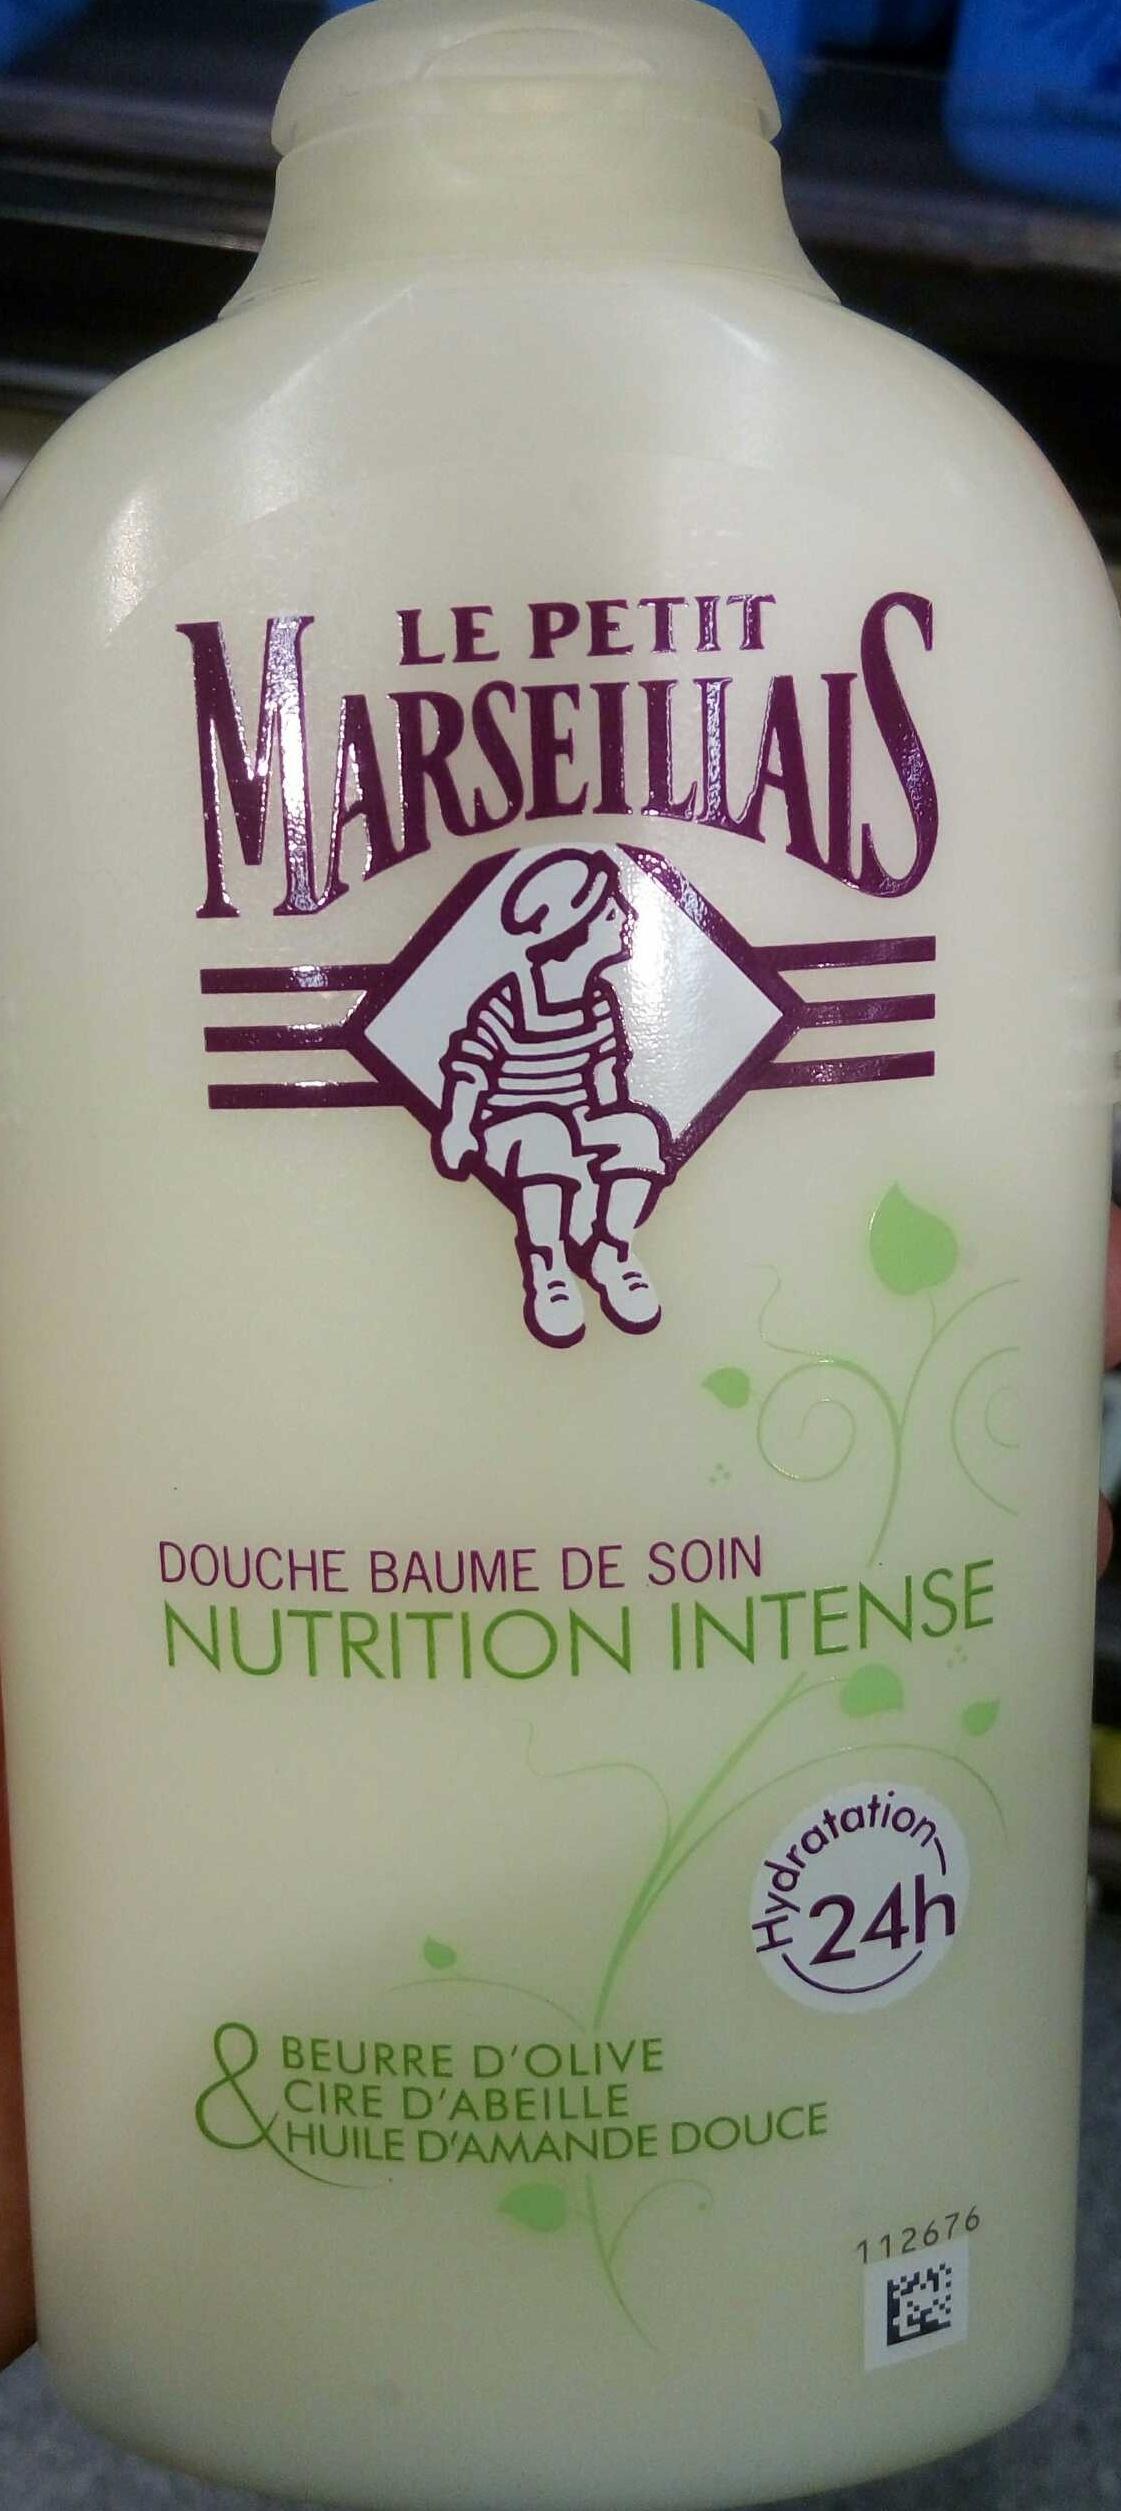 Douche Baume de soin Nutrition intense - Product